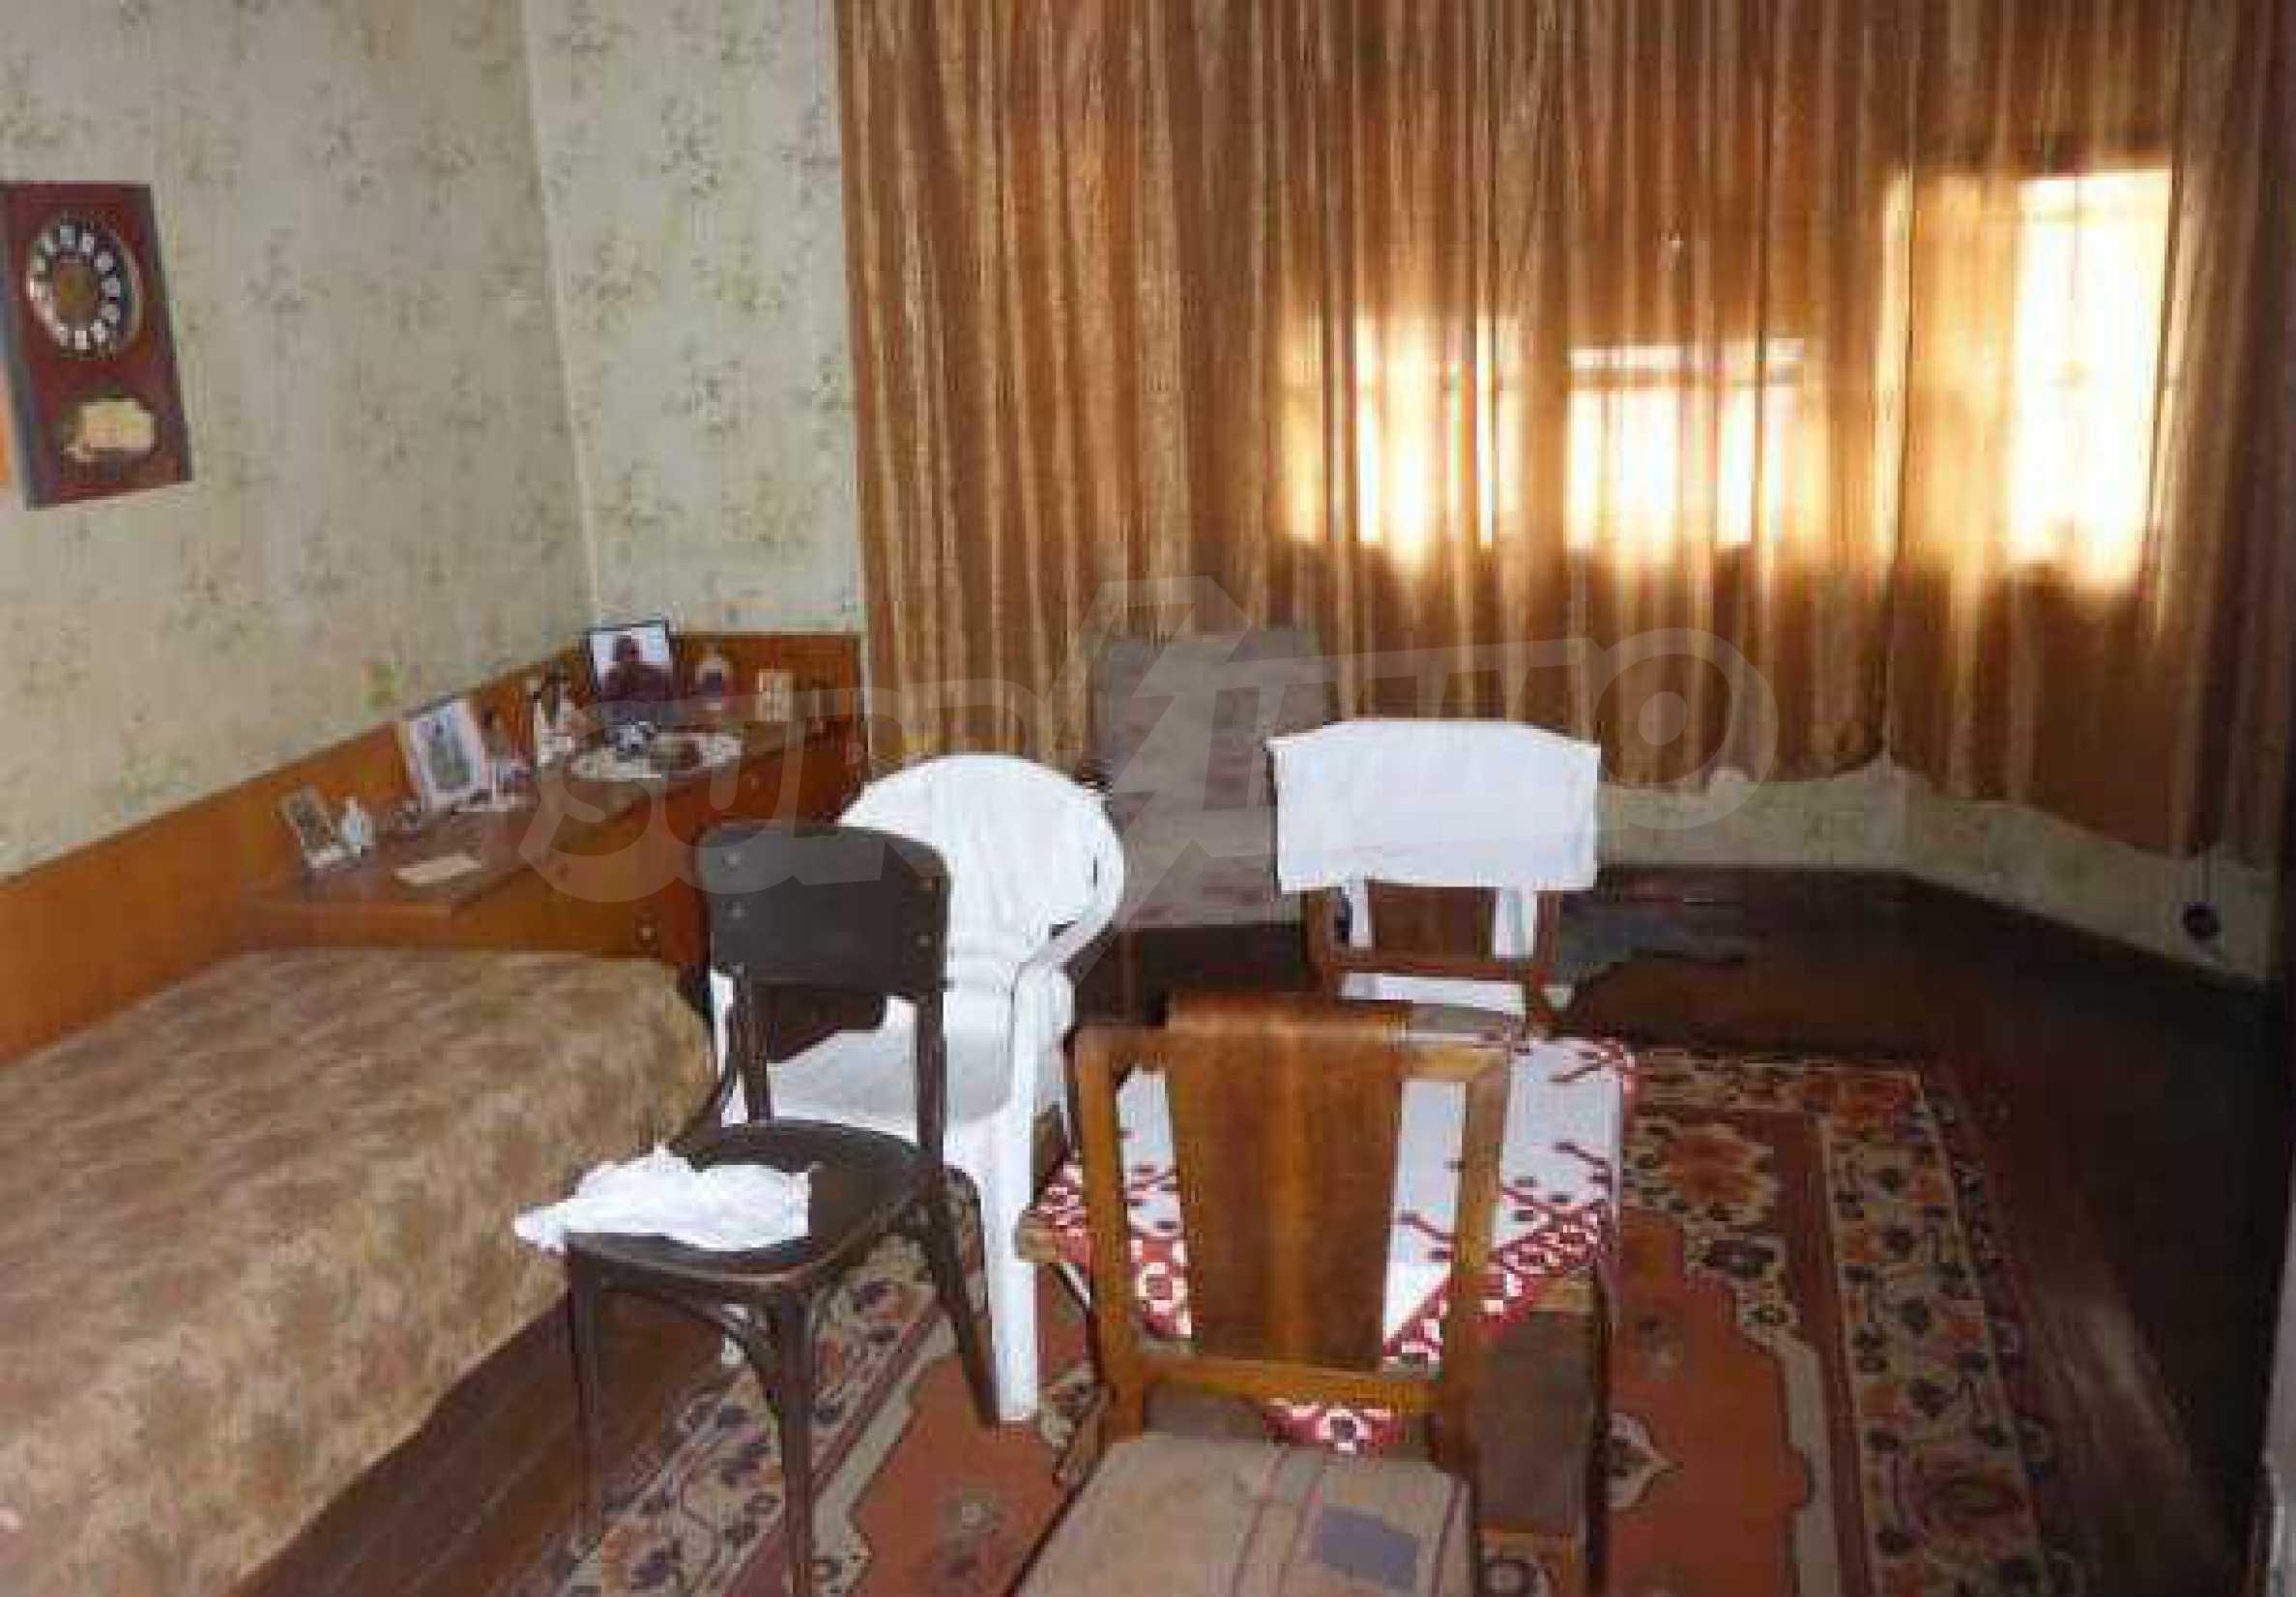 Атрактивен градски имот с магазин в населено място на 24 км от град В.Търново  9